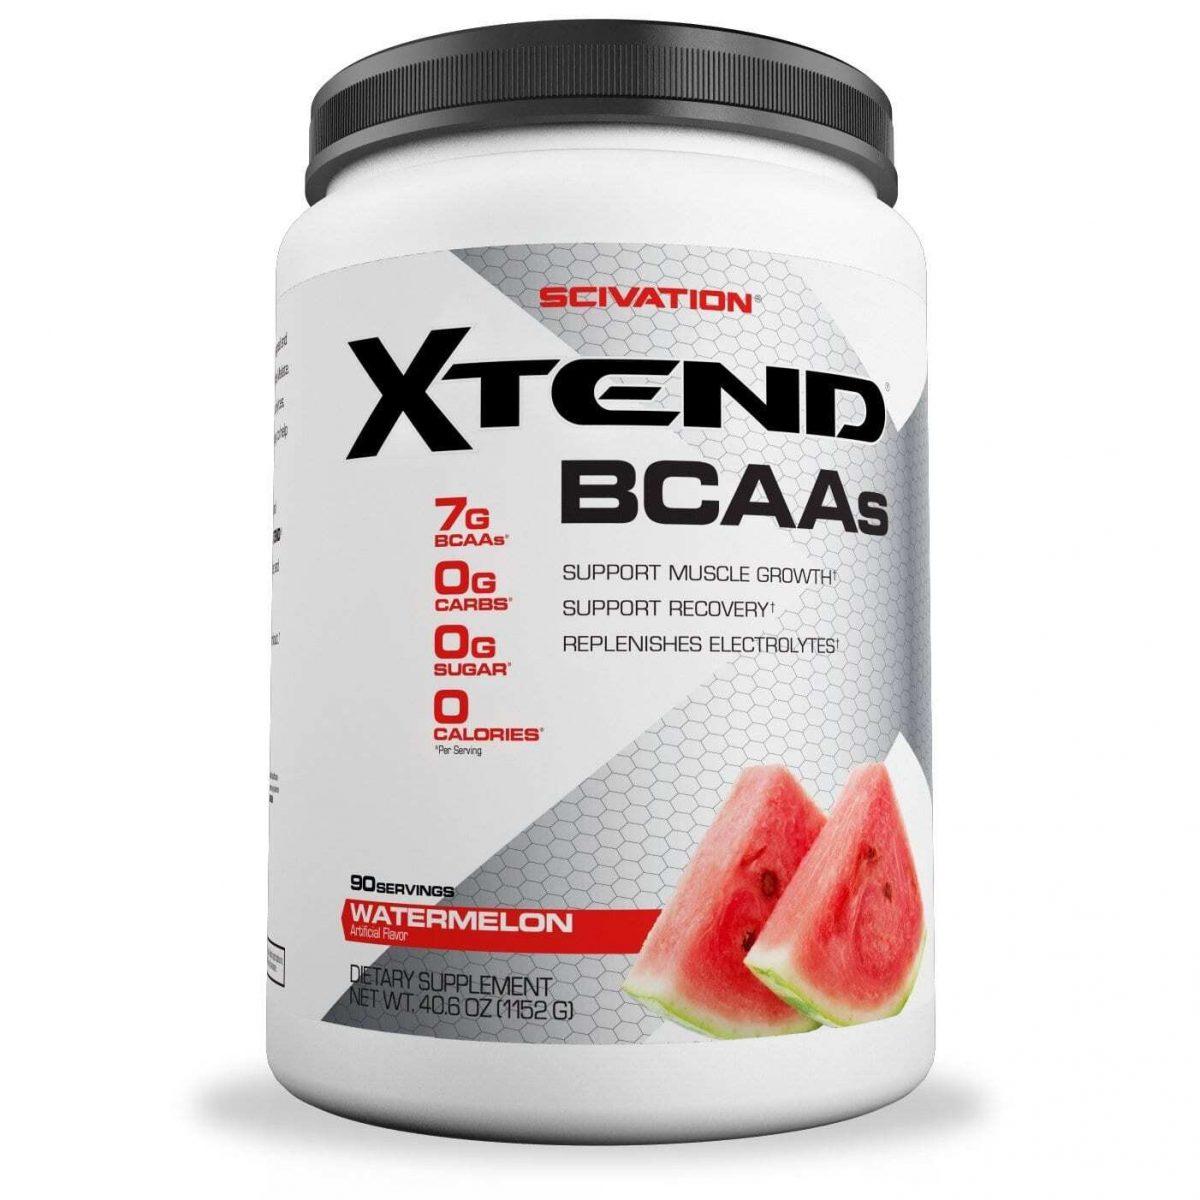 Scivation Xtend BCAAs - Watermelon - 90s-0